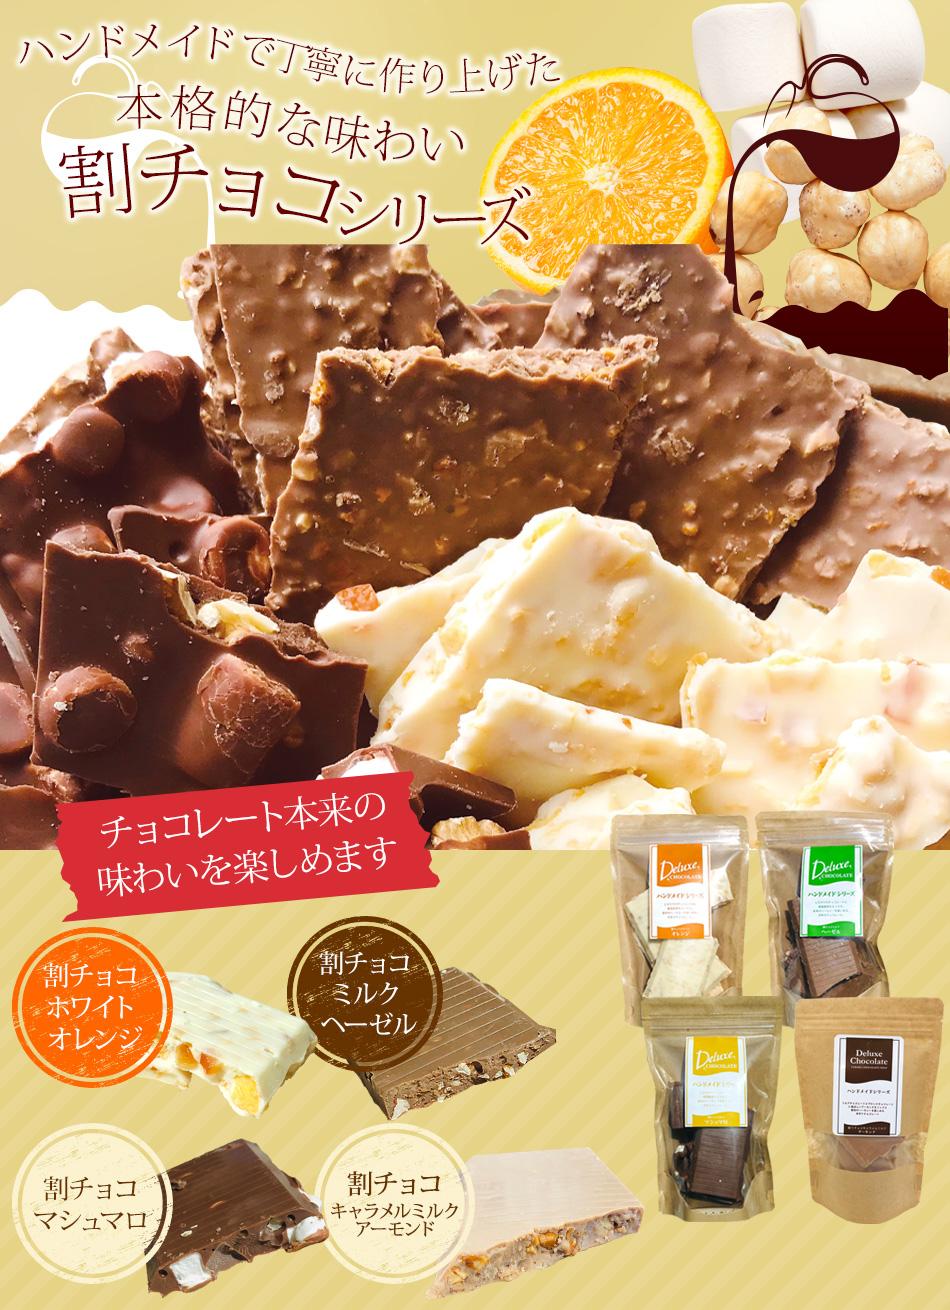 ハンドメイドで丁寧に作り上げた本格的な味わい 割チョコシリーズ